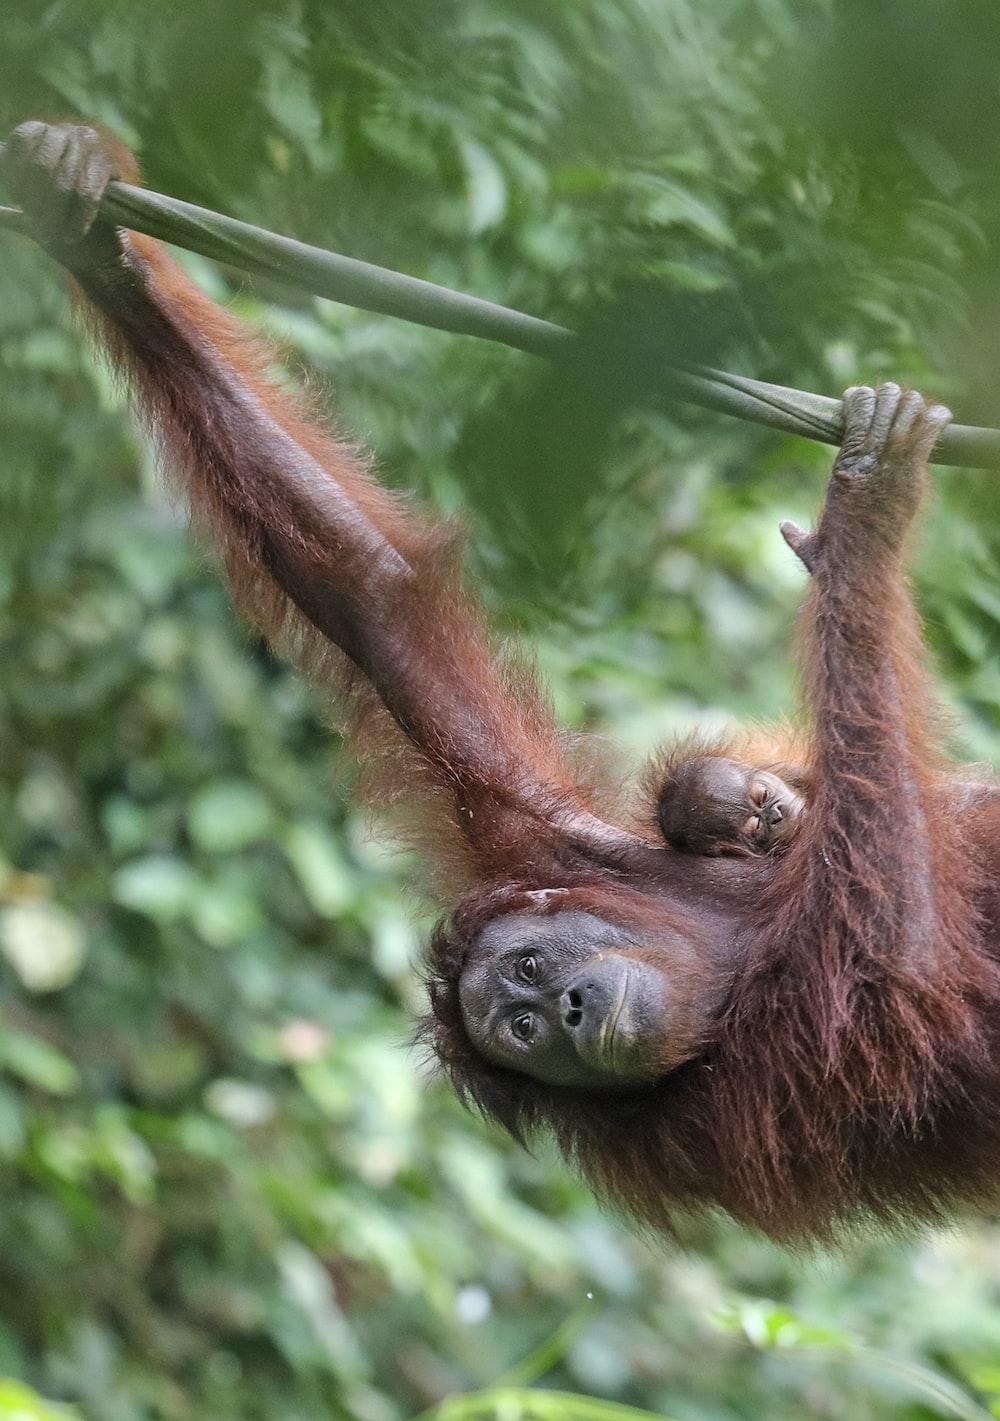 brown orangutan climbing during daytime